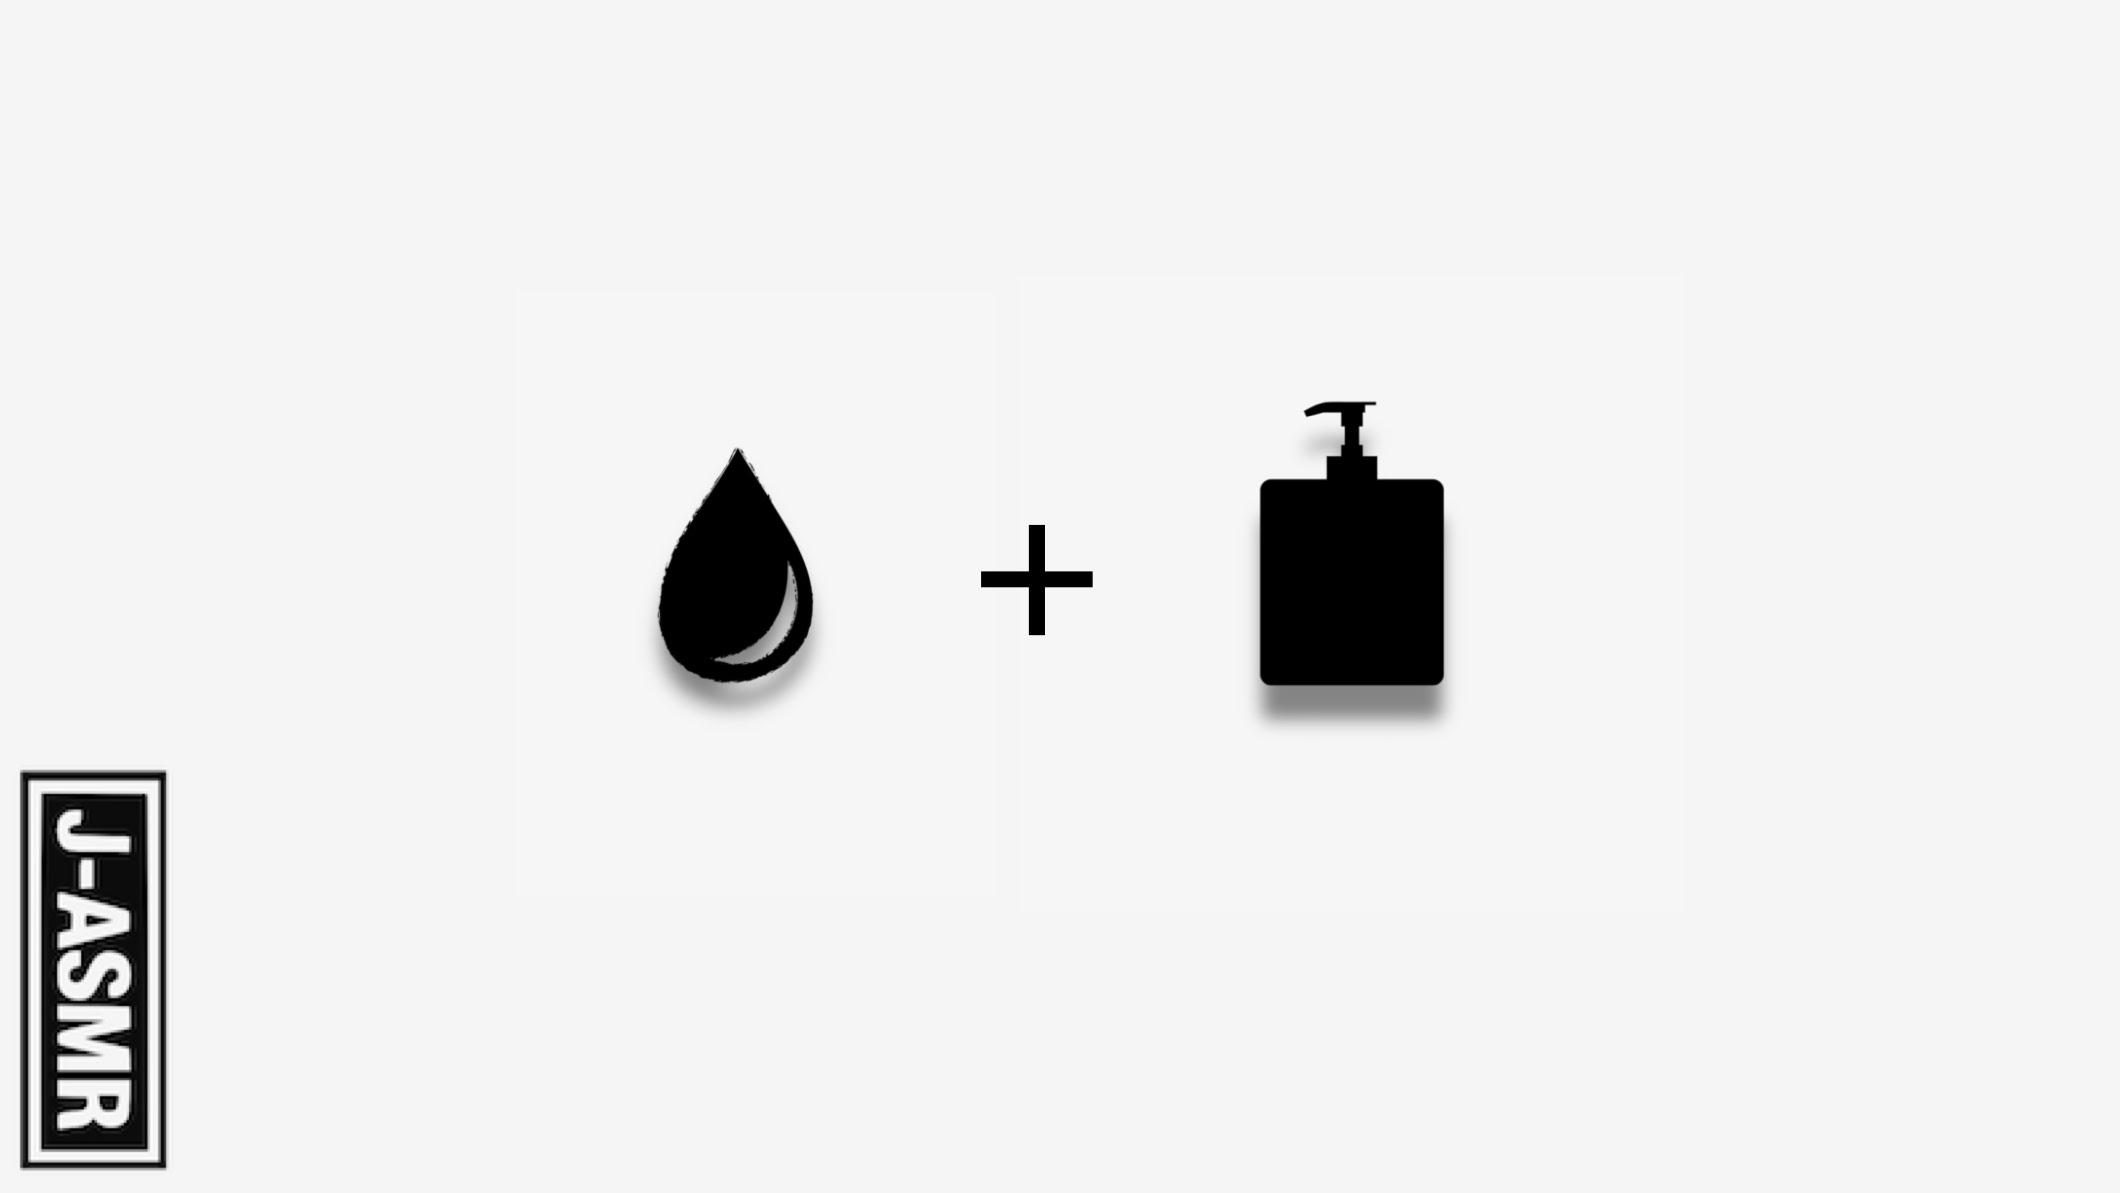 [音フェチ]シャンプー/Shampoo&Water Sounds[ASMR] - YouTube